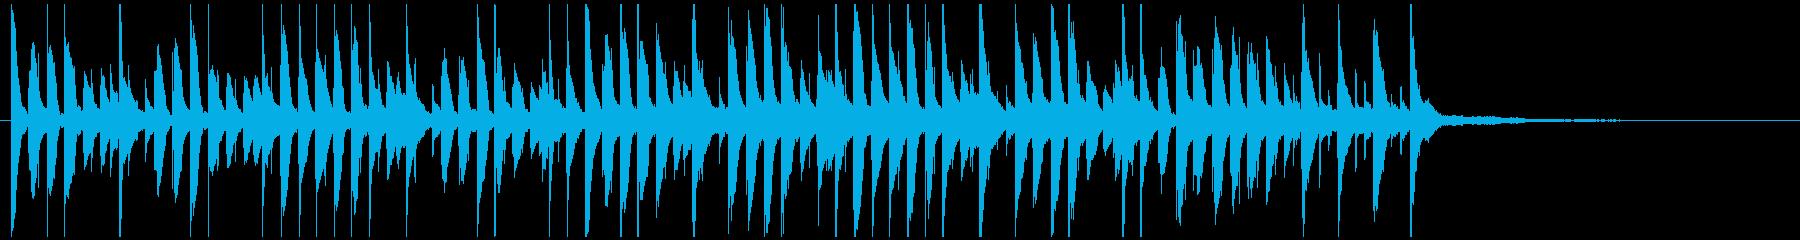 明るく楽しいジングル ピアノでかわいいの再生済みの波形